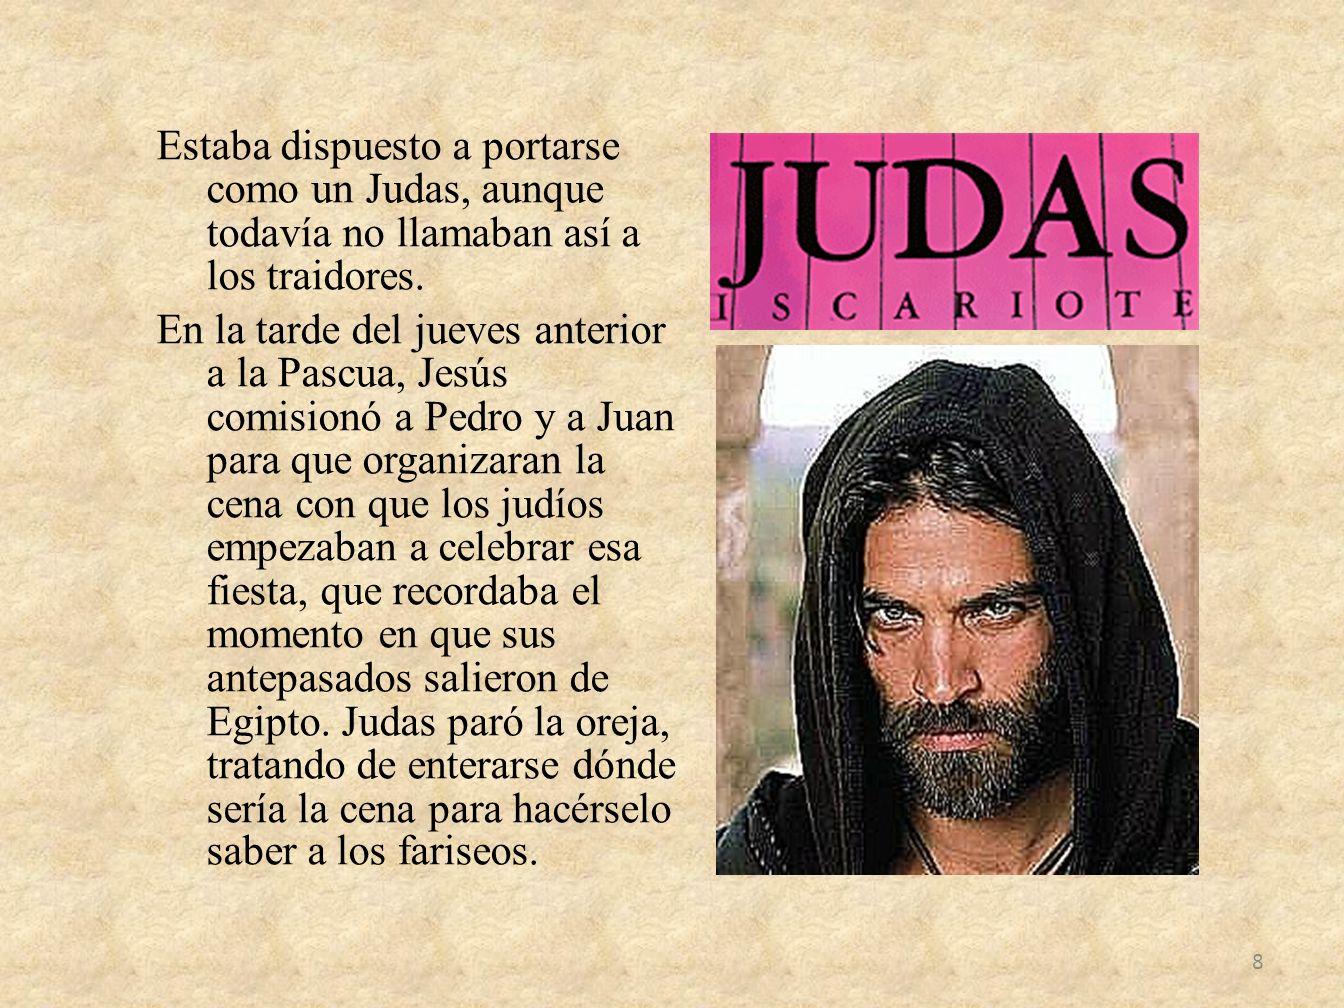 Estaba dispuesto a portarse como un Judas, aunque todavía no llamaban así a los traidores.